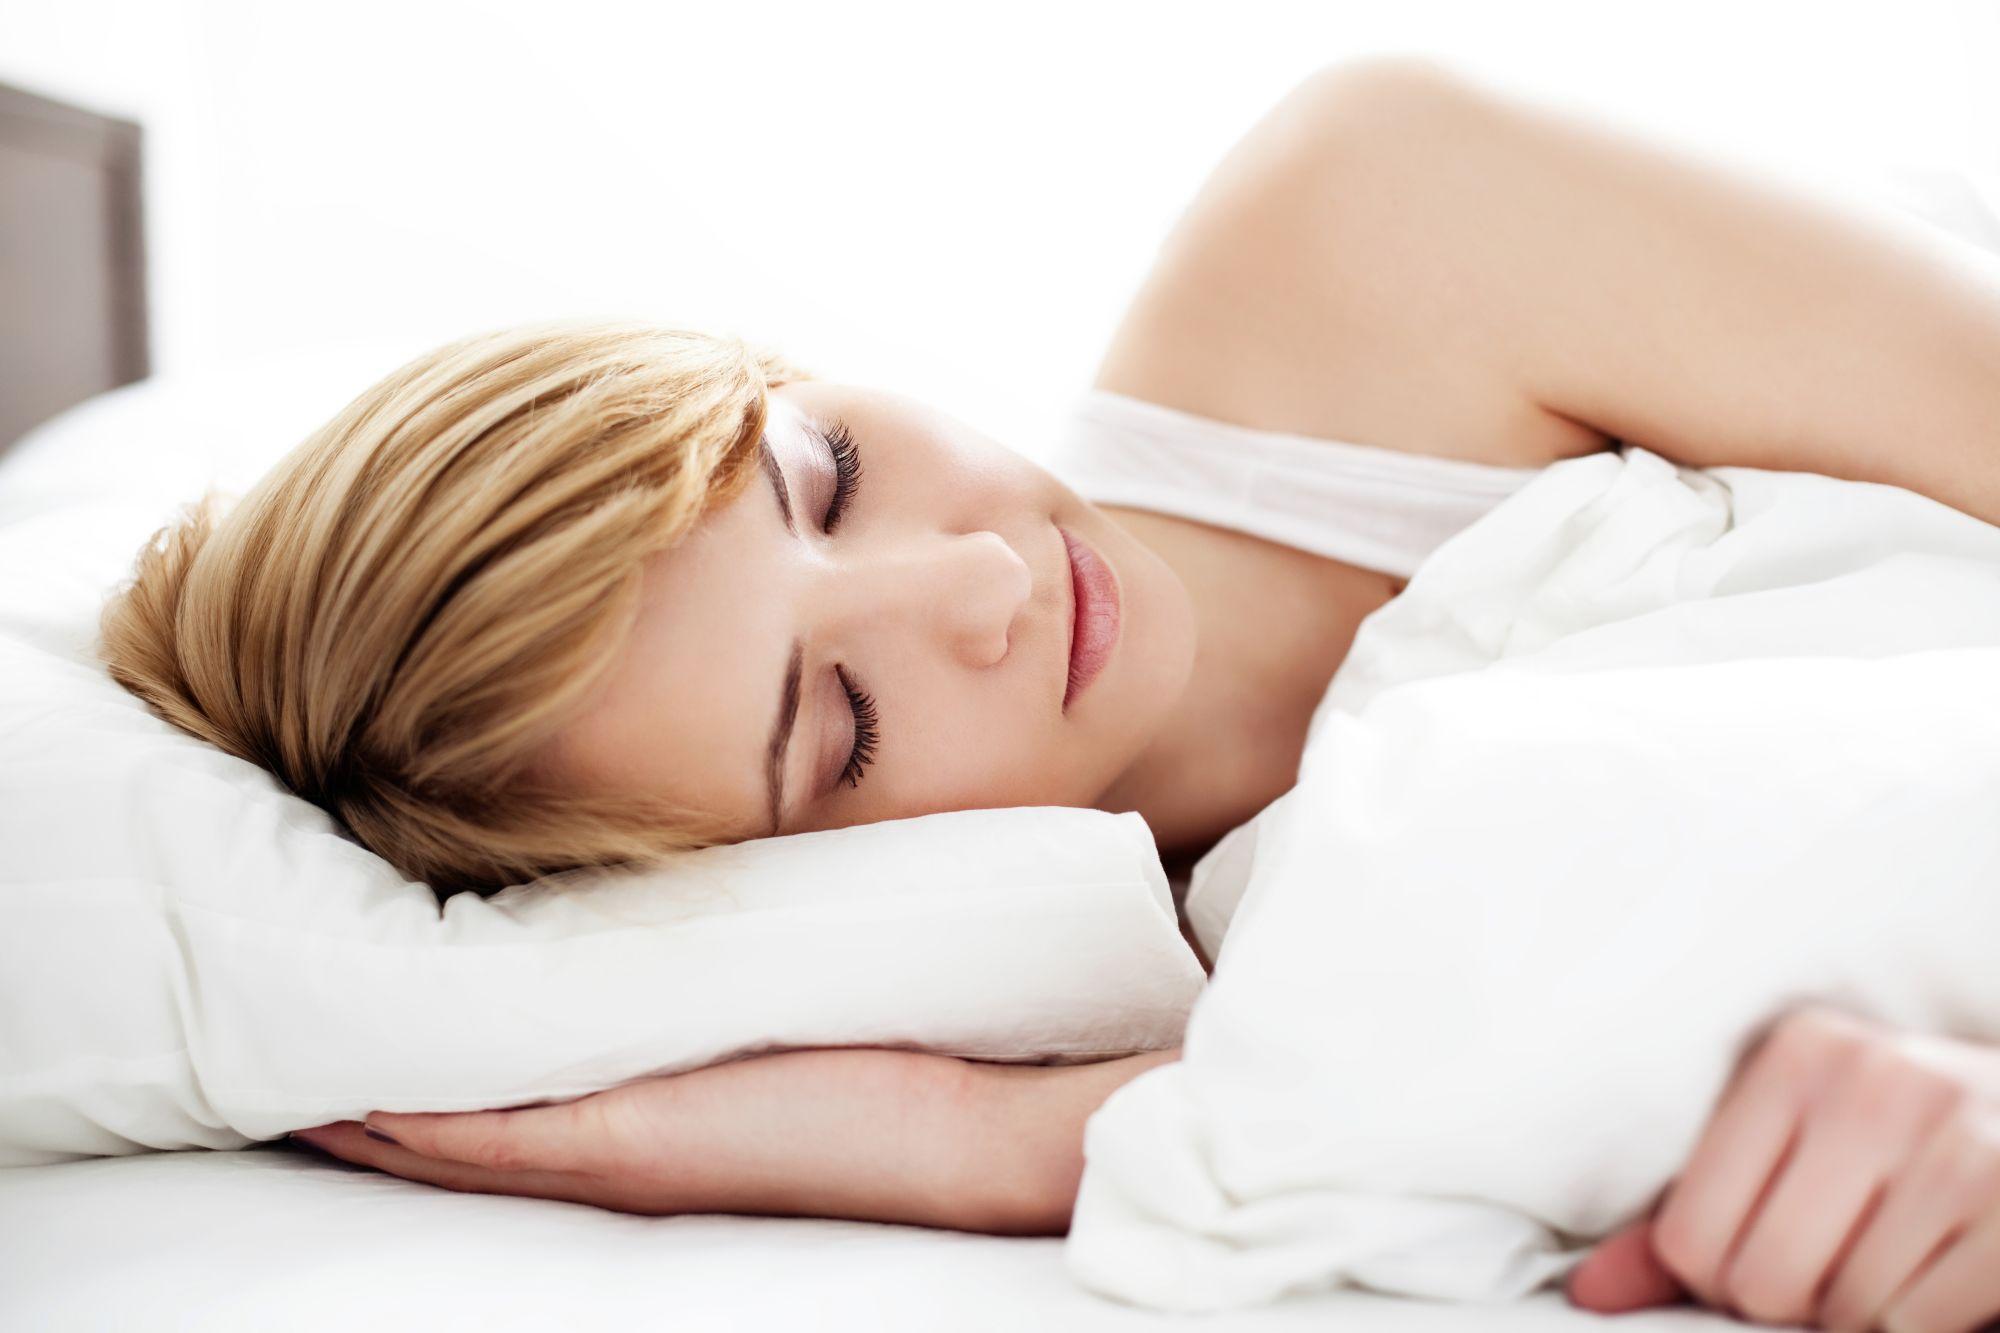 kobieta śpiąca w białej pościeli